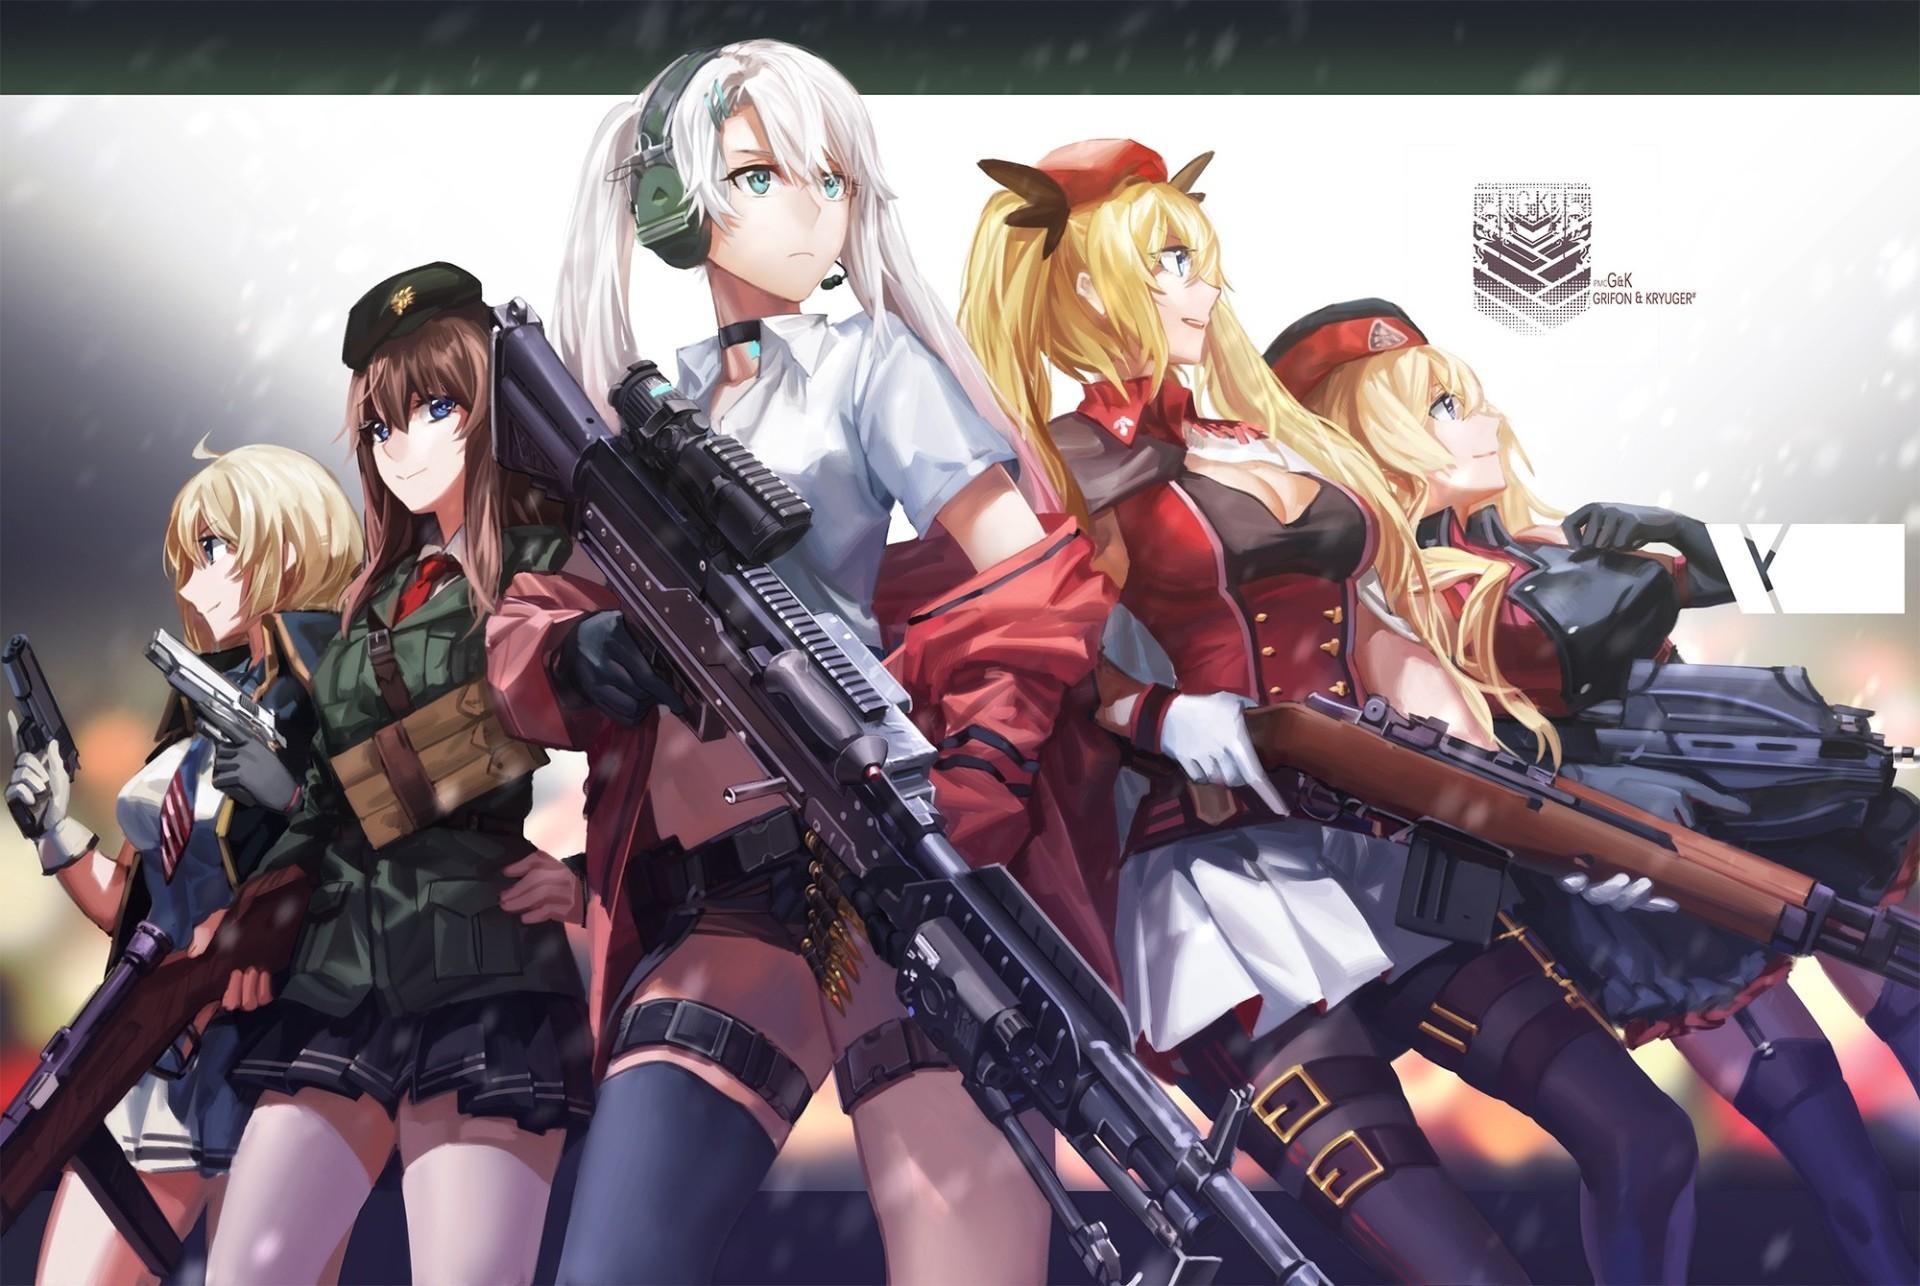 Anime Girls Frontline Anime Gun Wallpaper